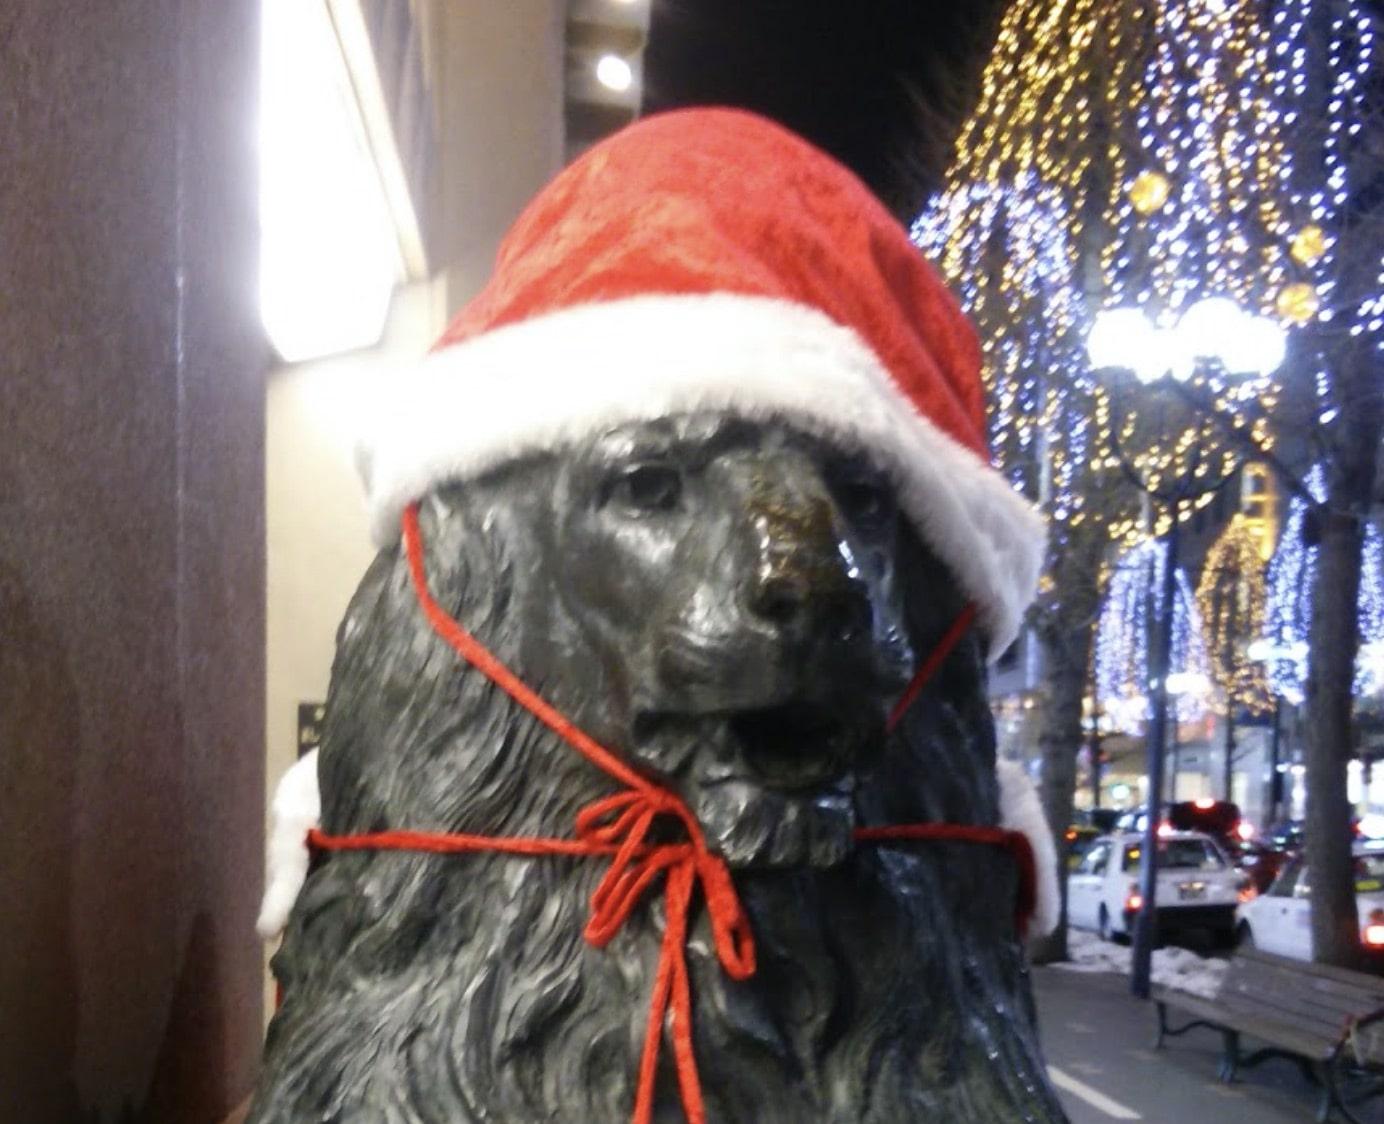 札幌三越のライオンの像